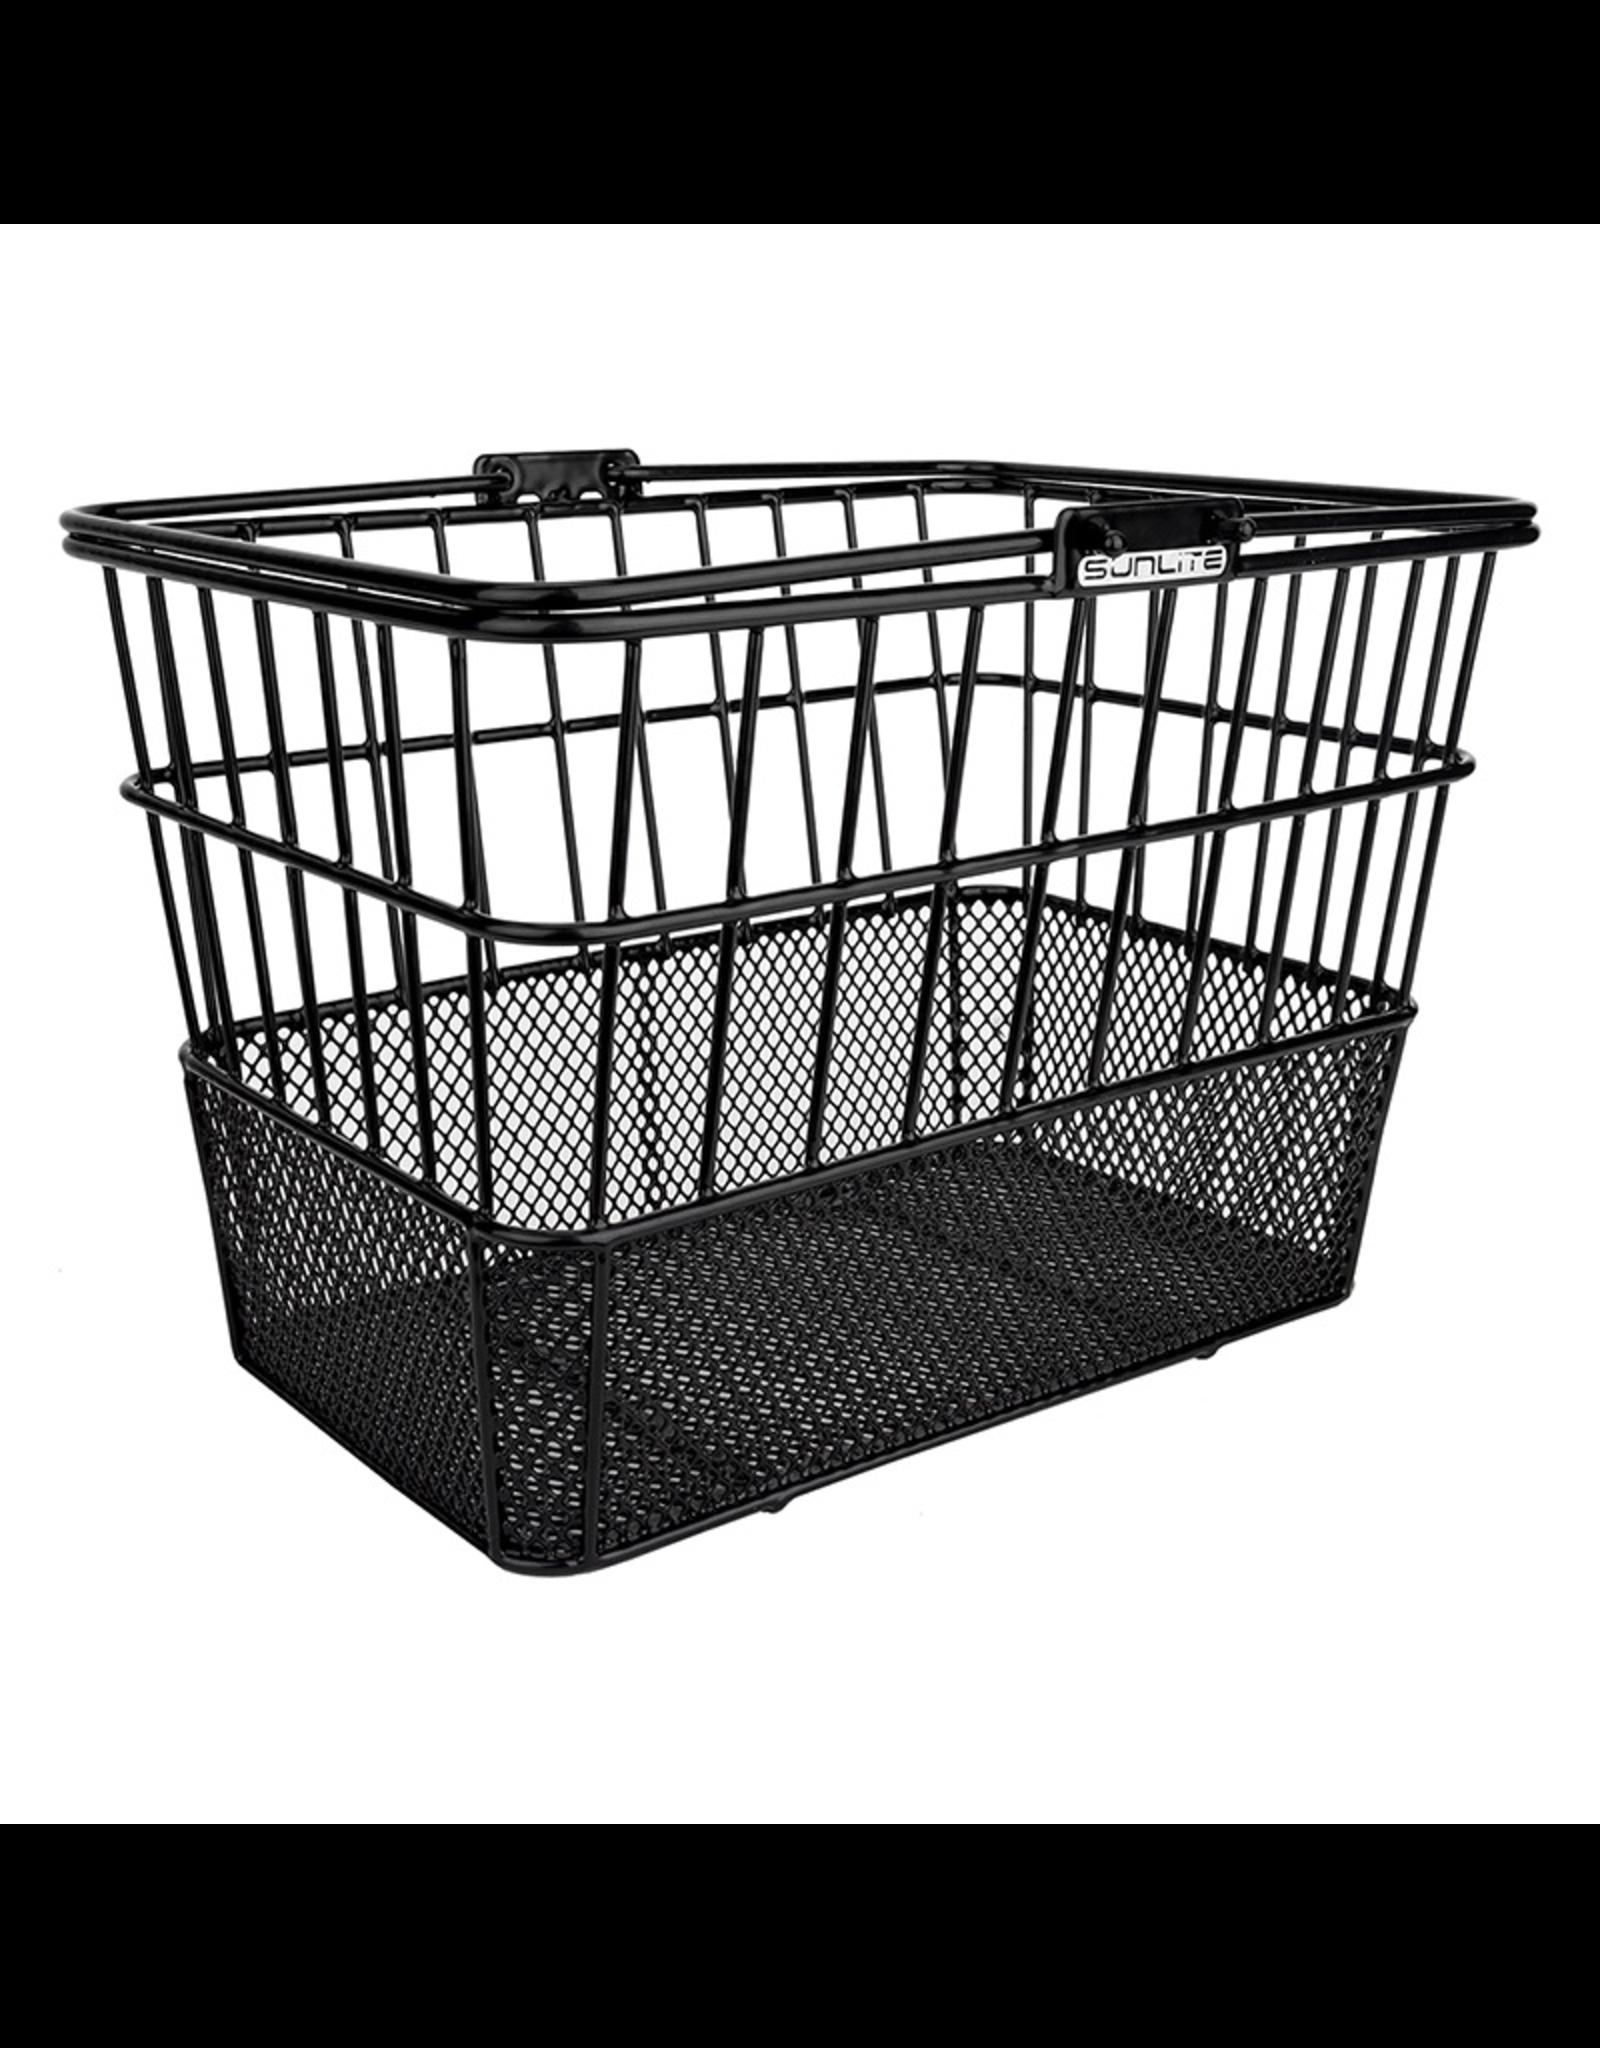 Sunlite SunLite/Ultracycle Mesh Bottom Lift-Off Basket Black